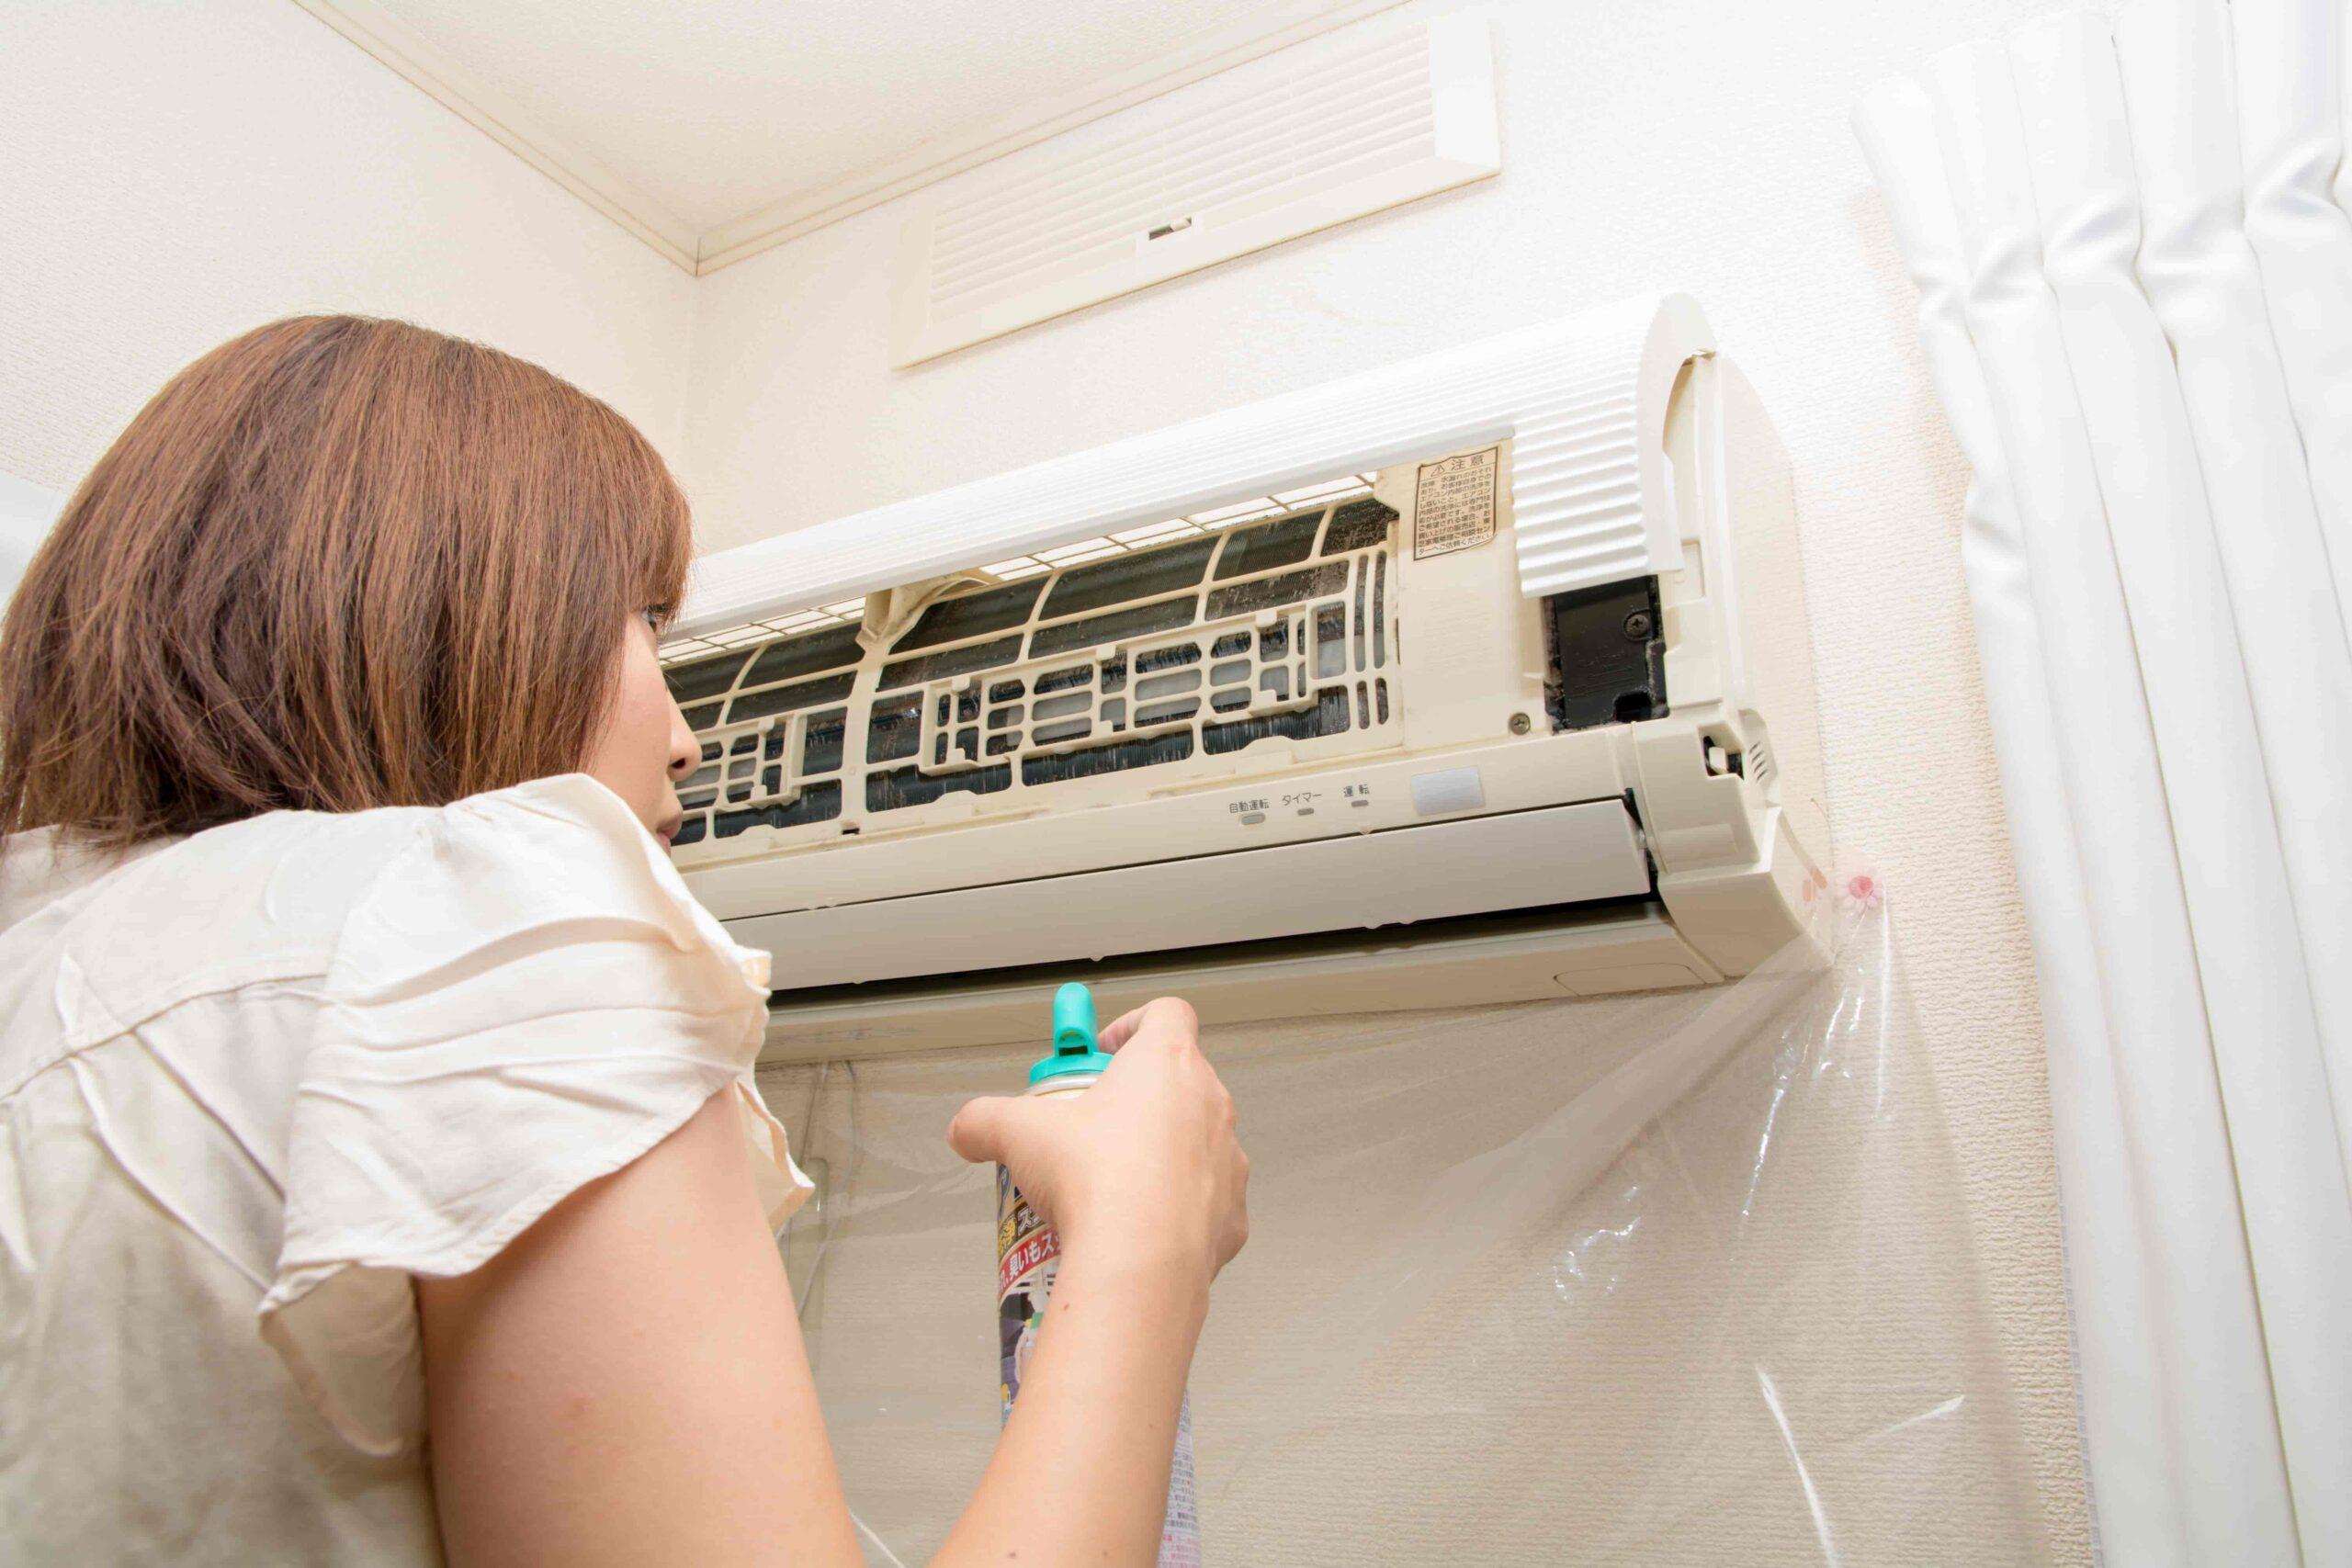 業務用エアコンの効きを改善する方法と自分で掃除する方法